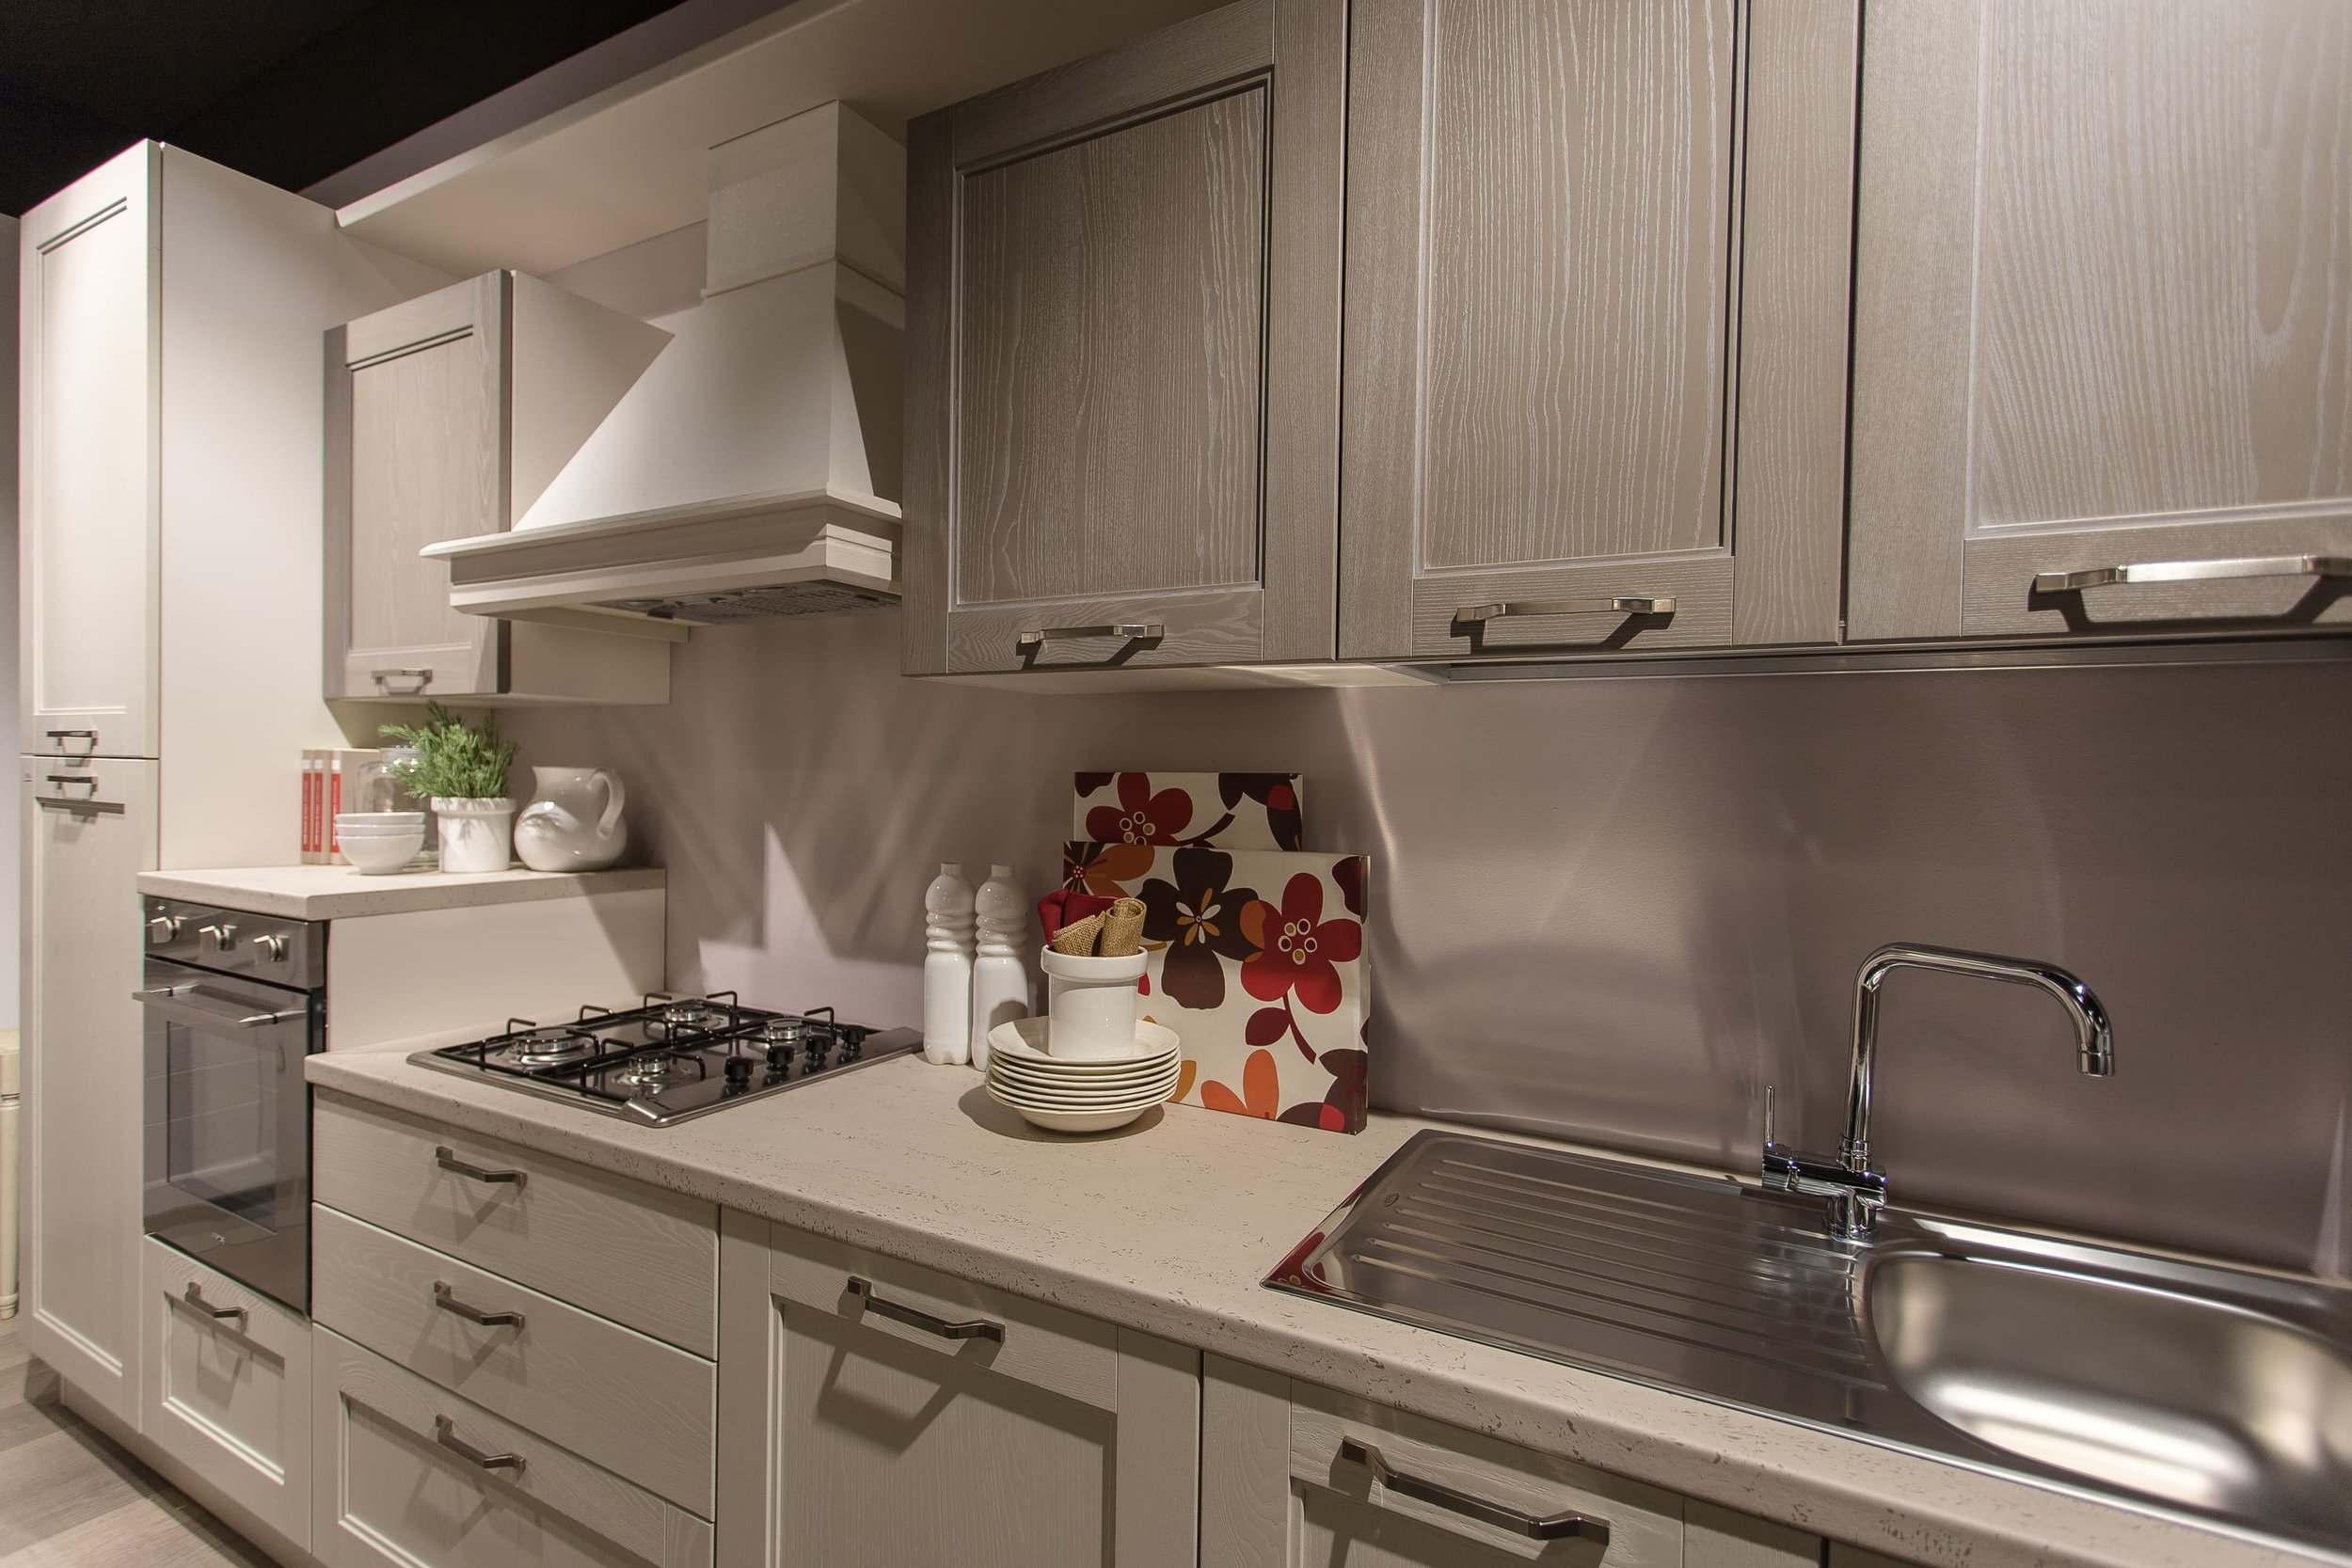 Foto di interni, cucine Lube e Creo